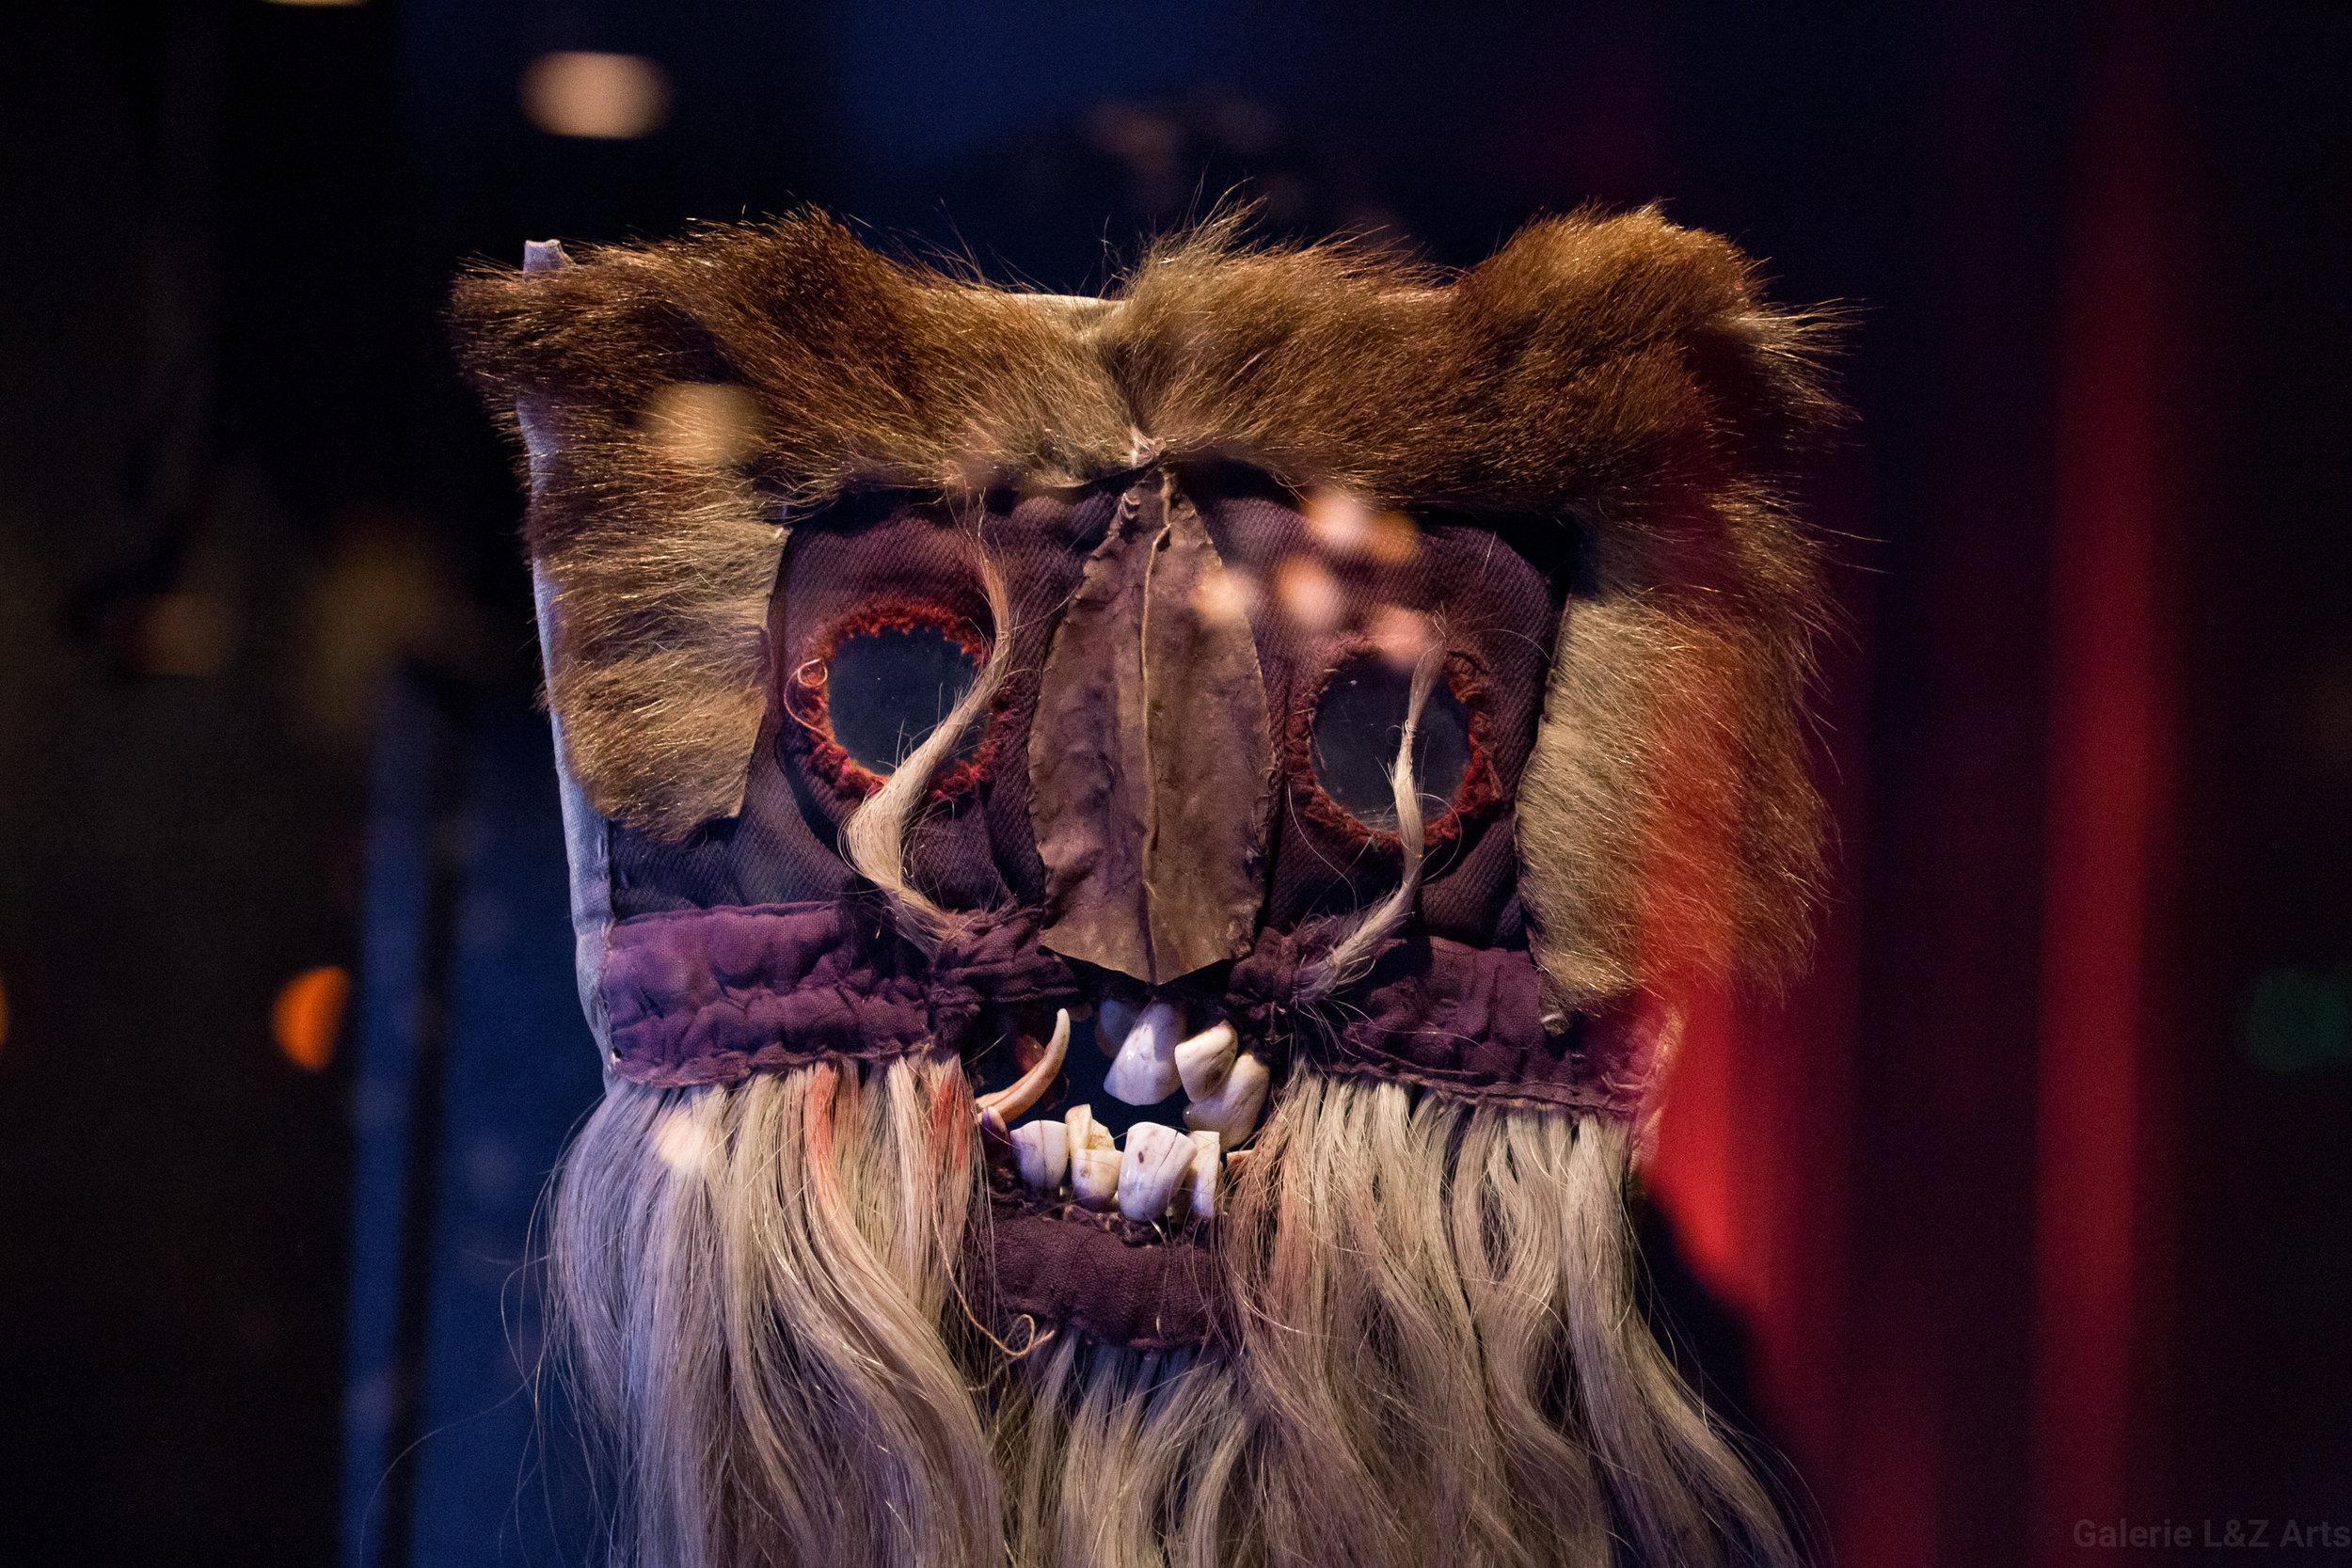 exposition-masque-art-tribal-africain-musee-quai-branly-belgique-galerie-lz-arts-liege-cite-miroir-oceanie-asie-japon-amerique-art-premier-nepal-27.jpg